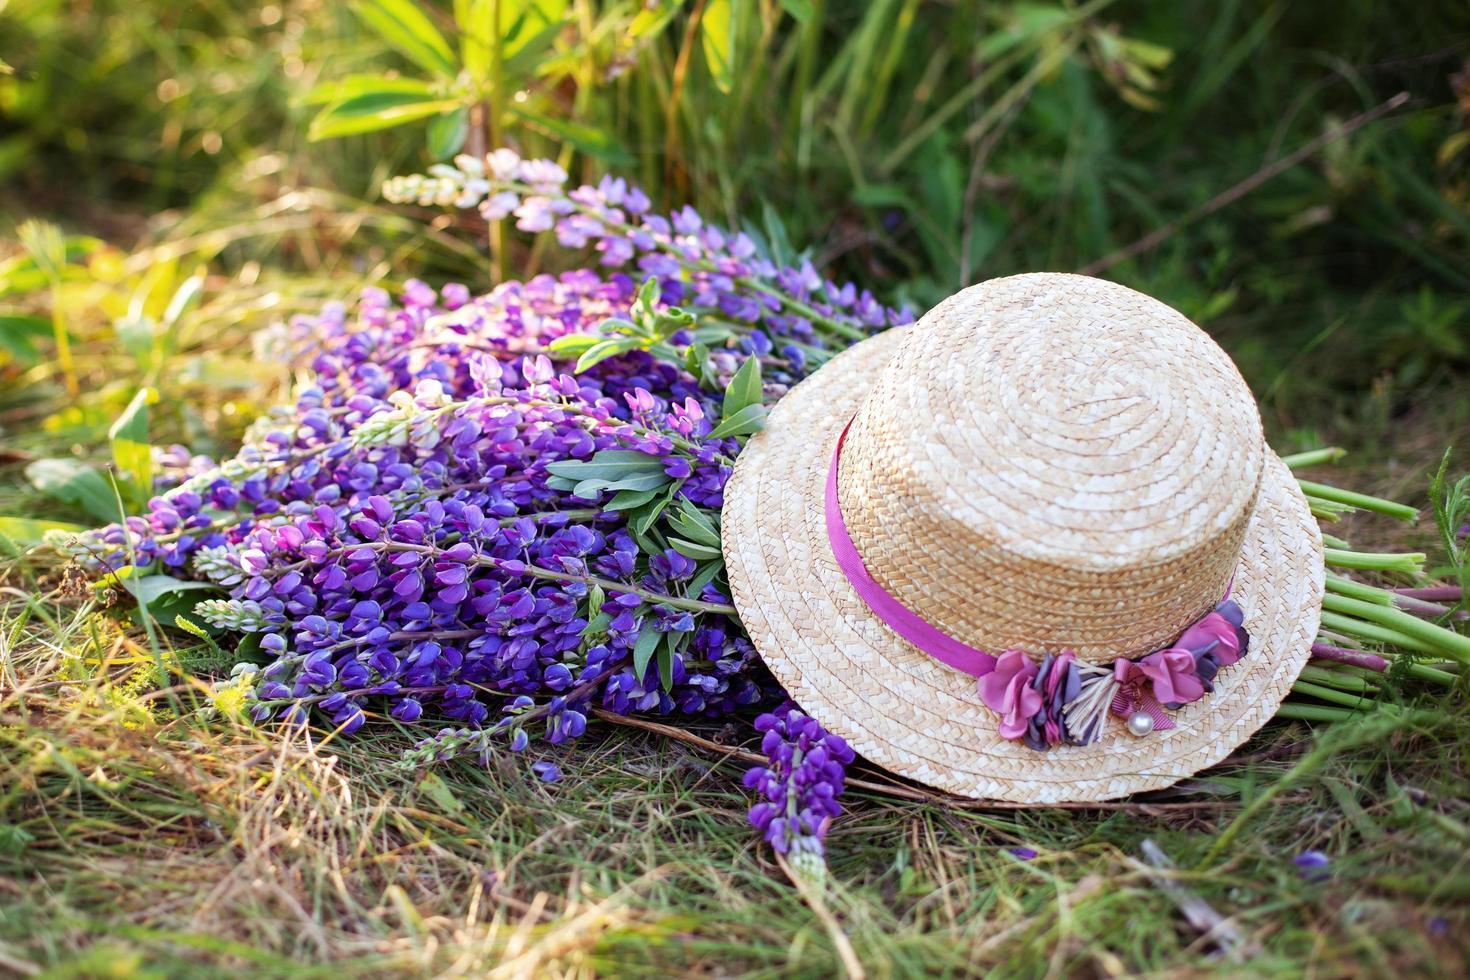 fiori viola del lupino coperti di cappello di paglia nel campo foto